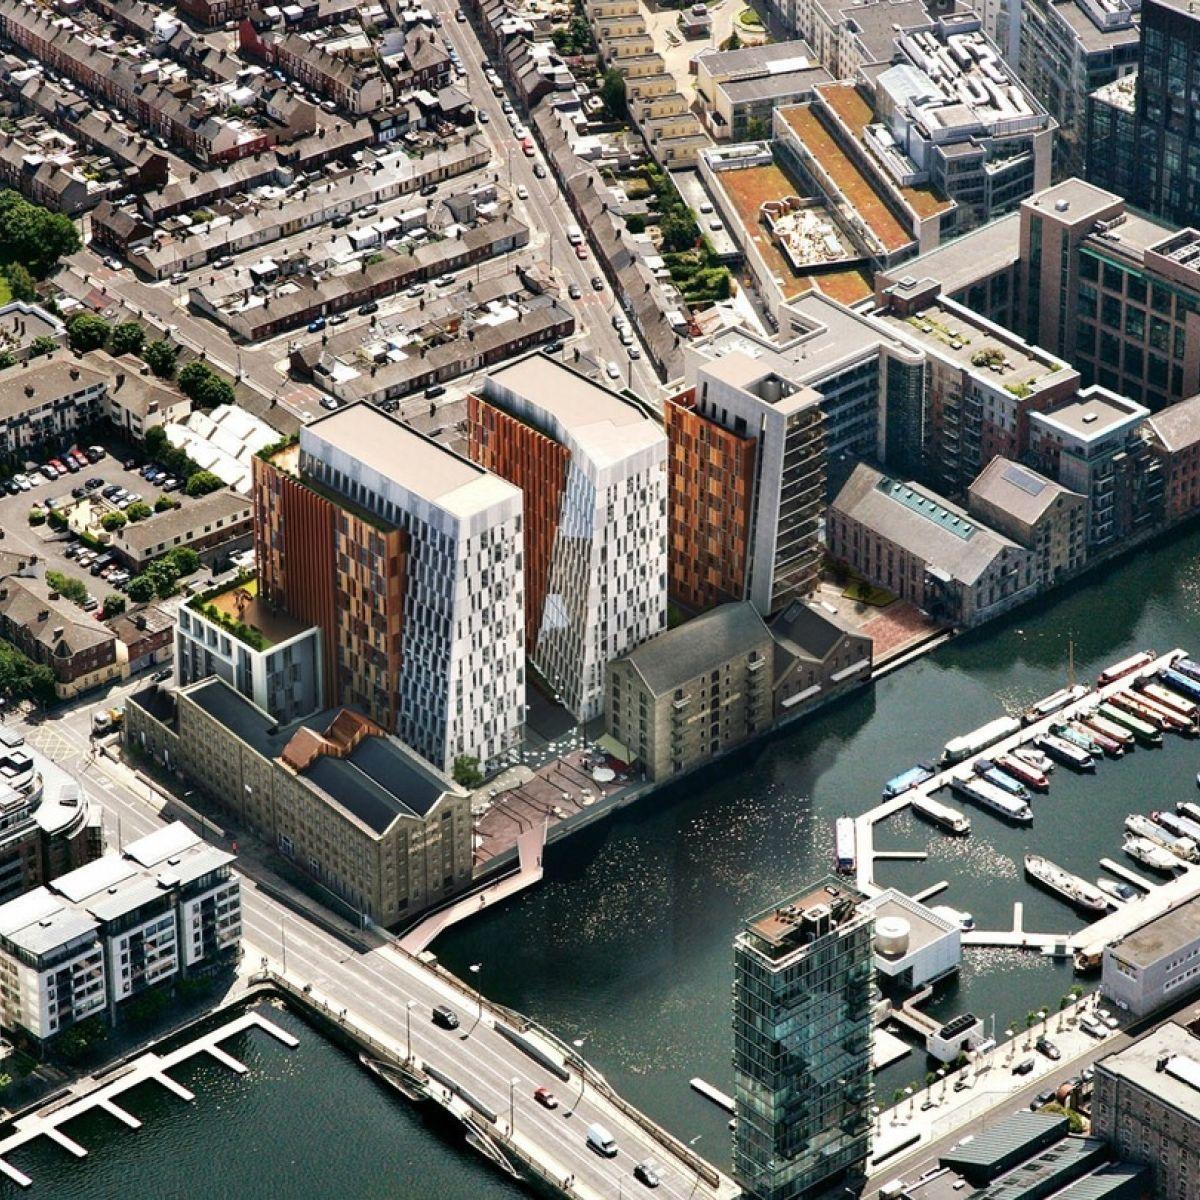 Facebook and Google top 2018's big Dublin property deals